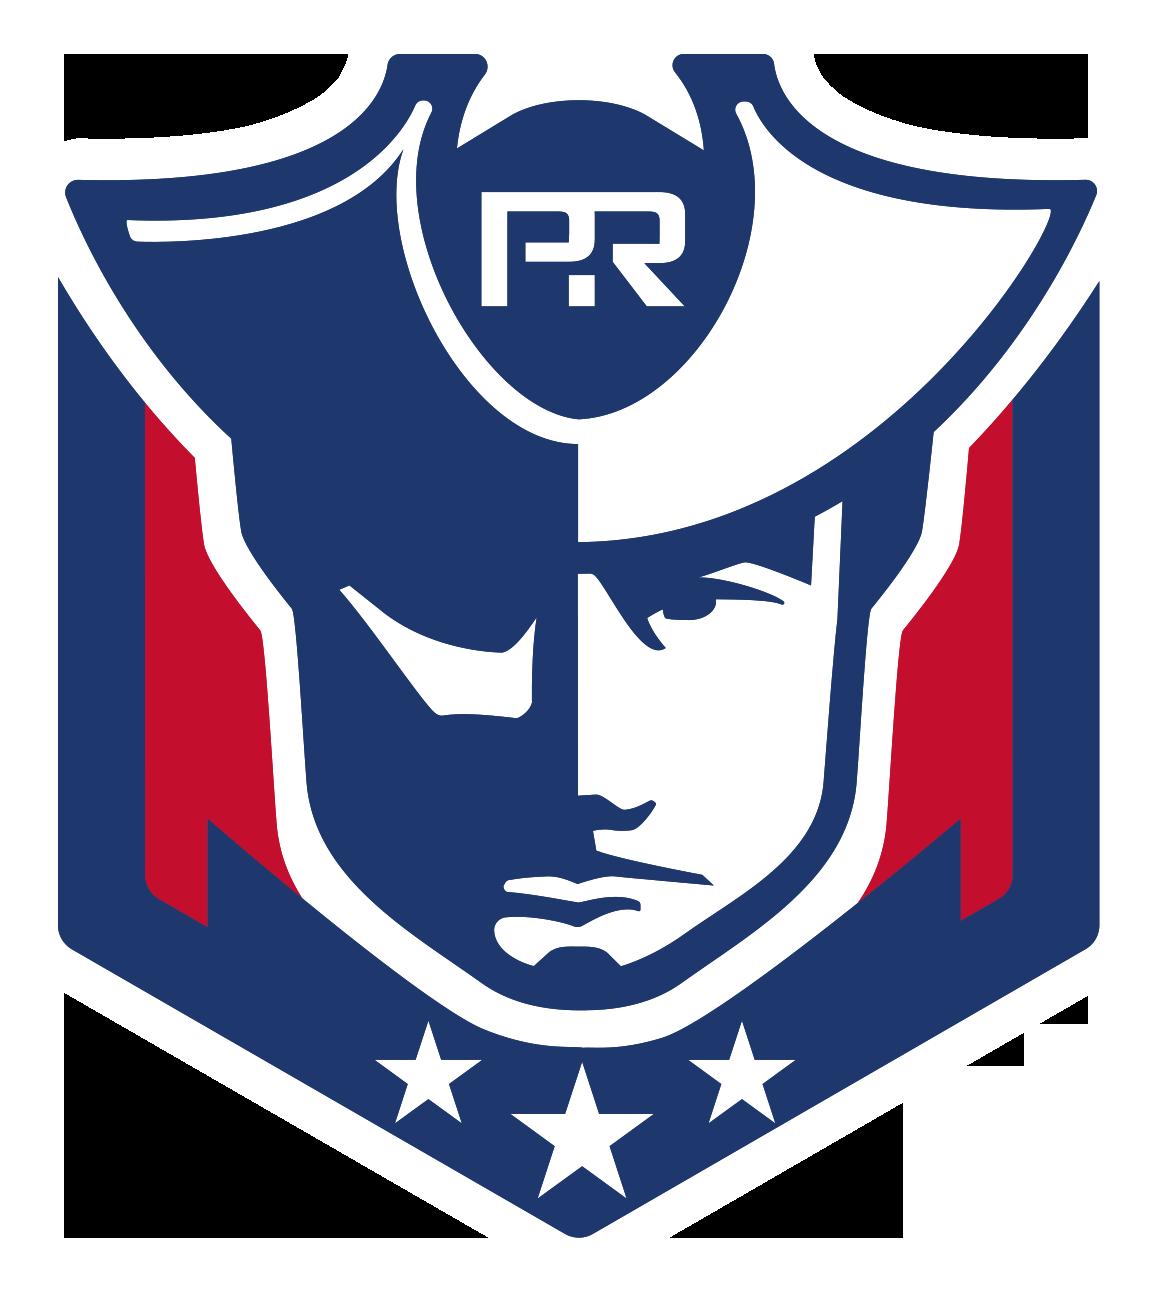 Patriots clipart emblem, Patriots emblem Transparent FREE ...